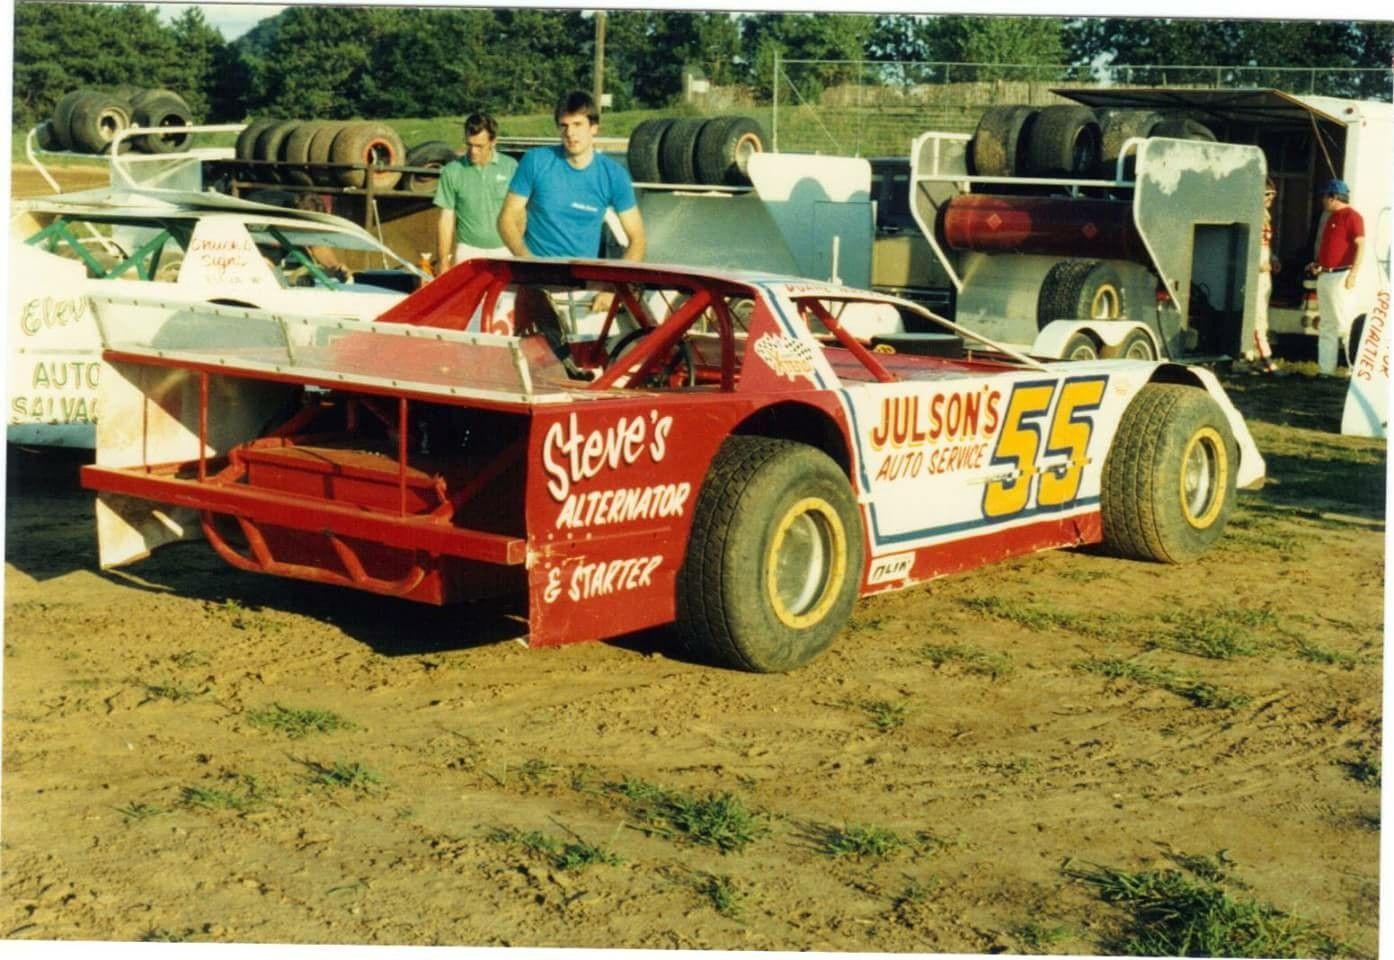 Duane Mahder R.I.P Dirt track racing, Dirt late models